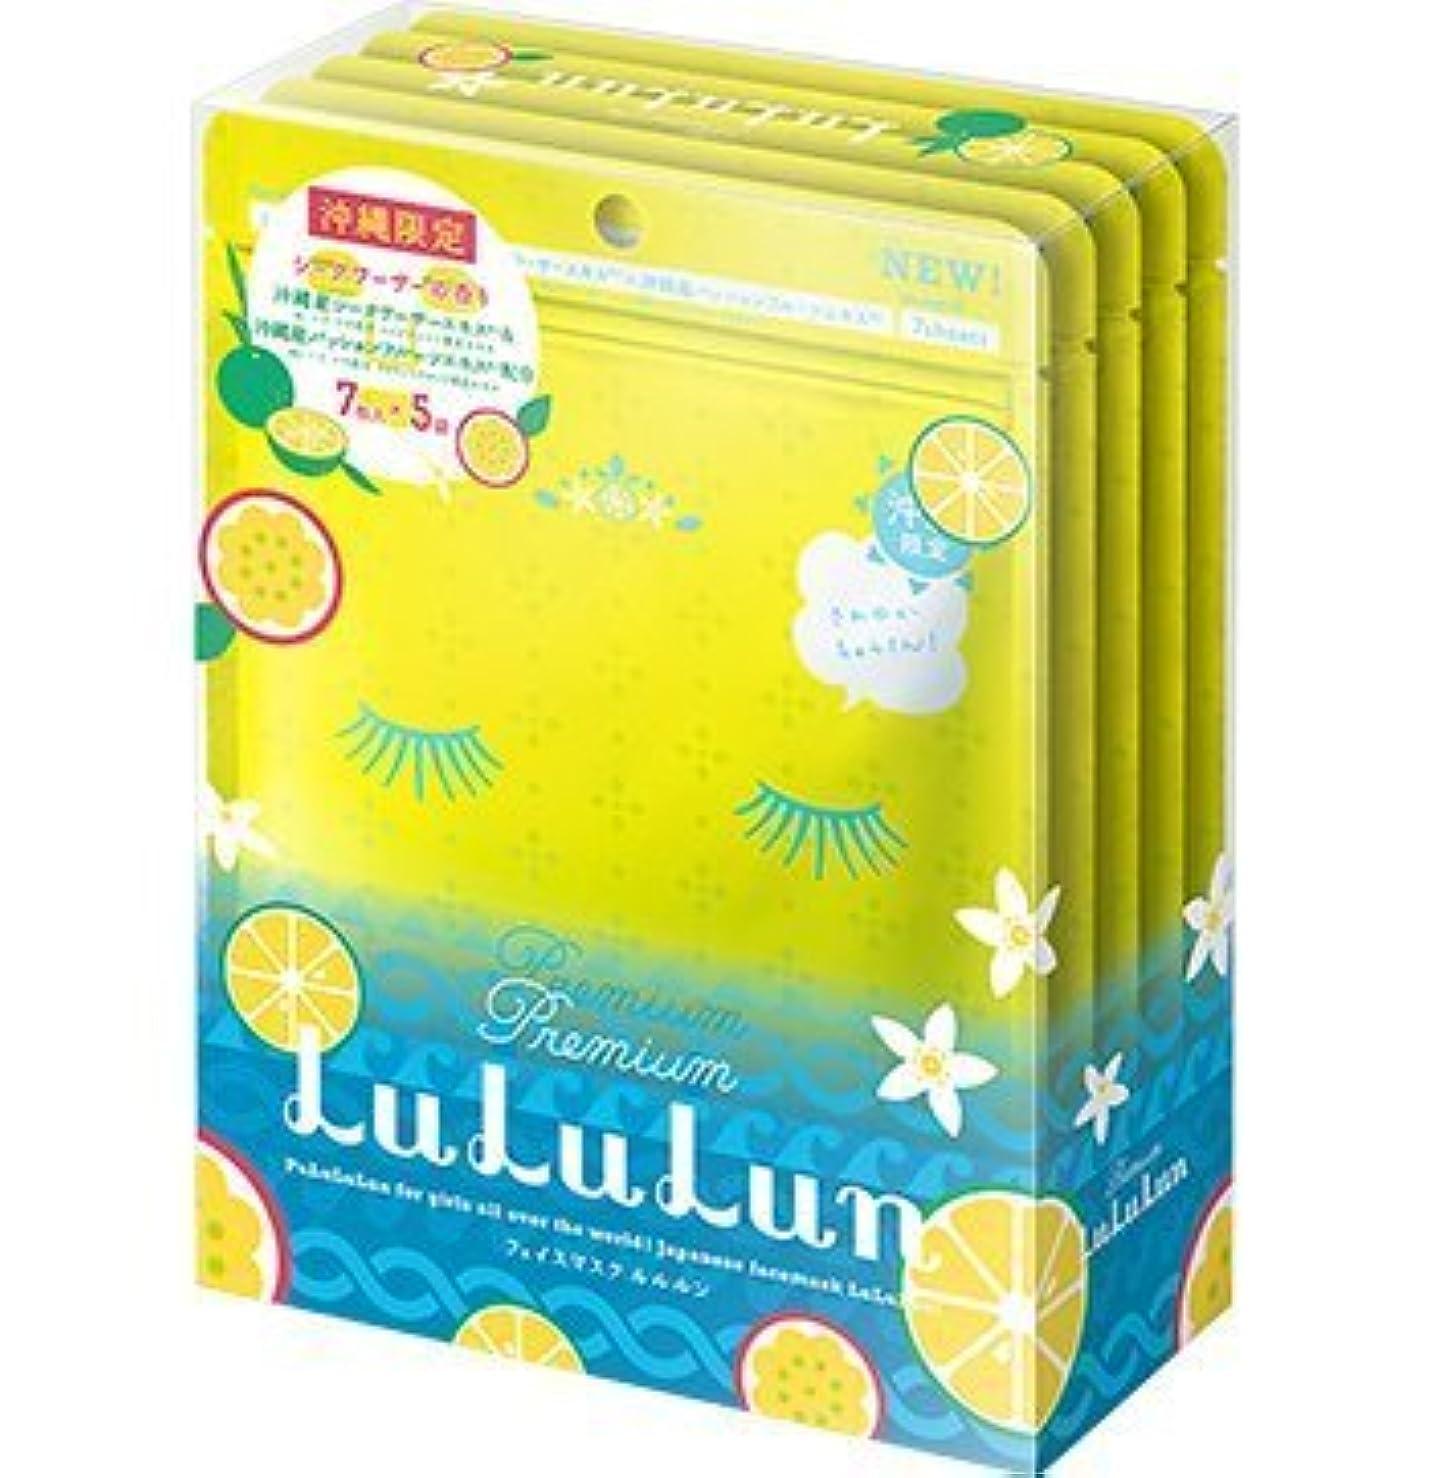 ゴネリルコミットメントエンジニアリング沖縄限定 沖縄プレミアム ルルルン LuLuLun フェイスマスク シークワーサーの香り 7枚入り×5袋